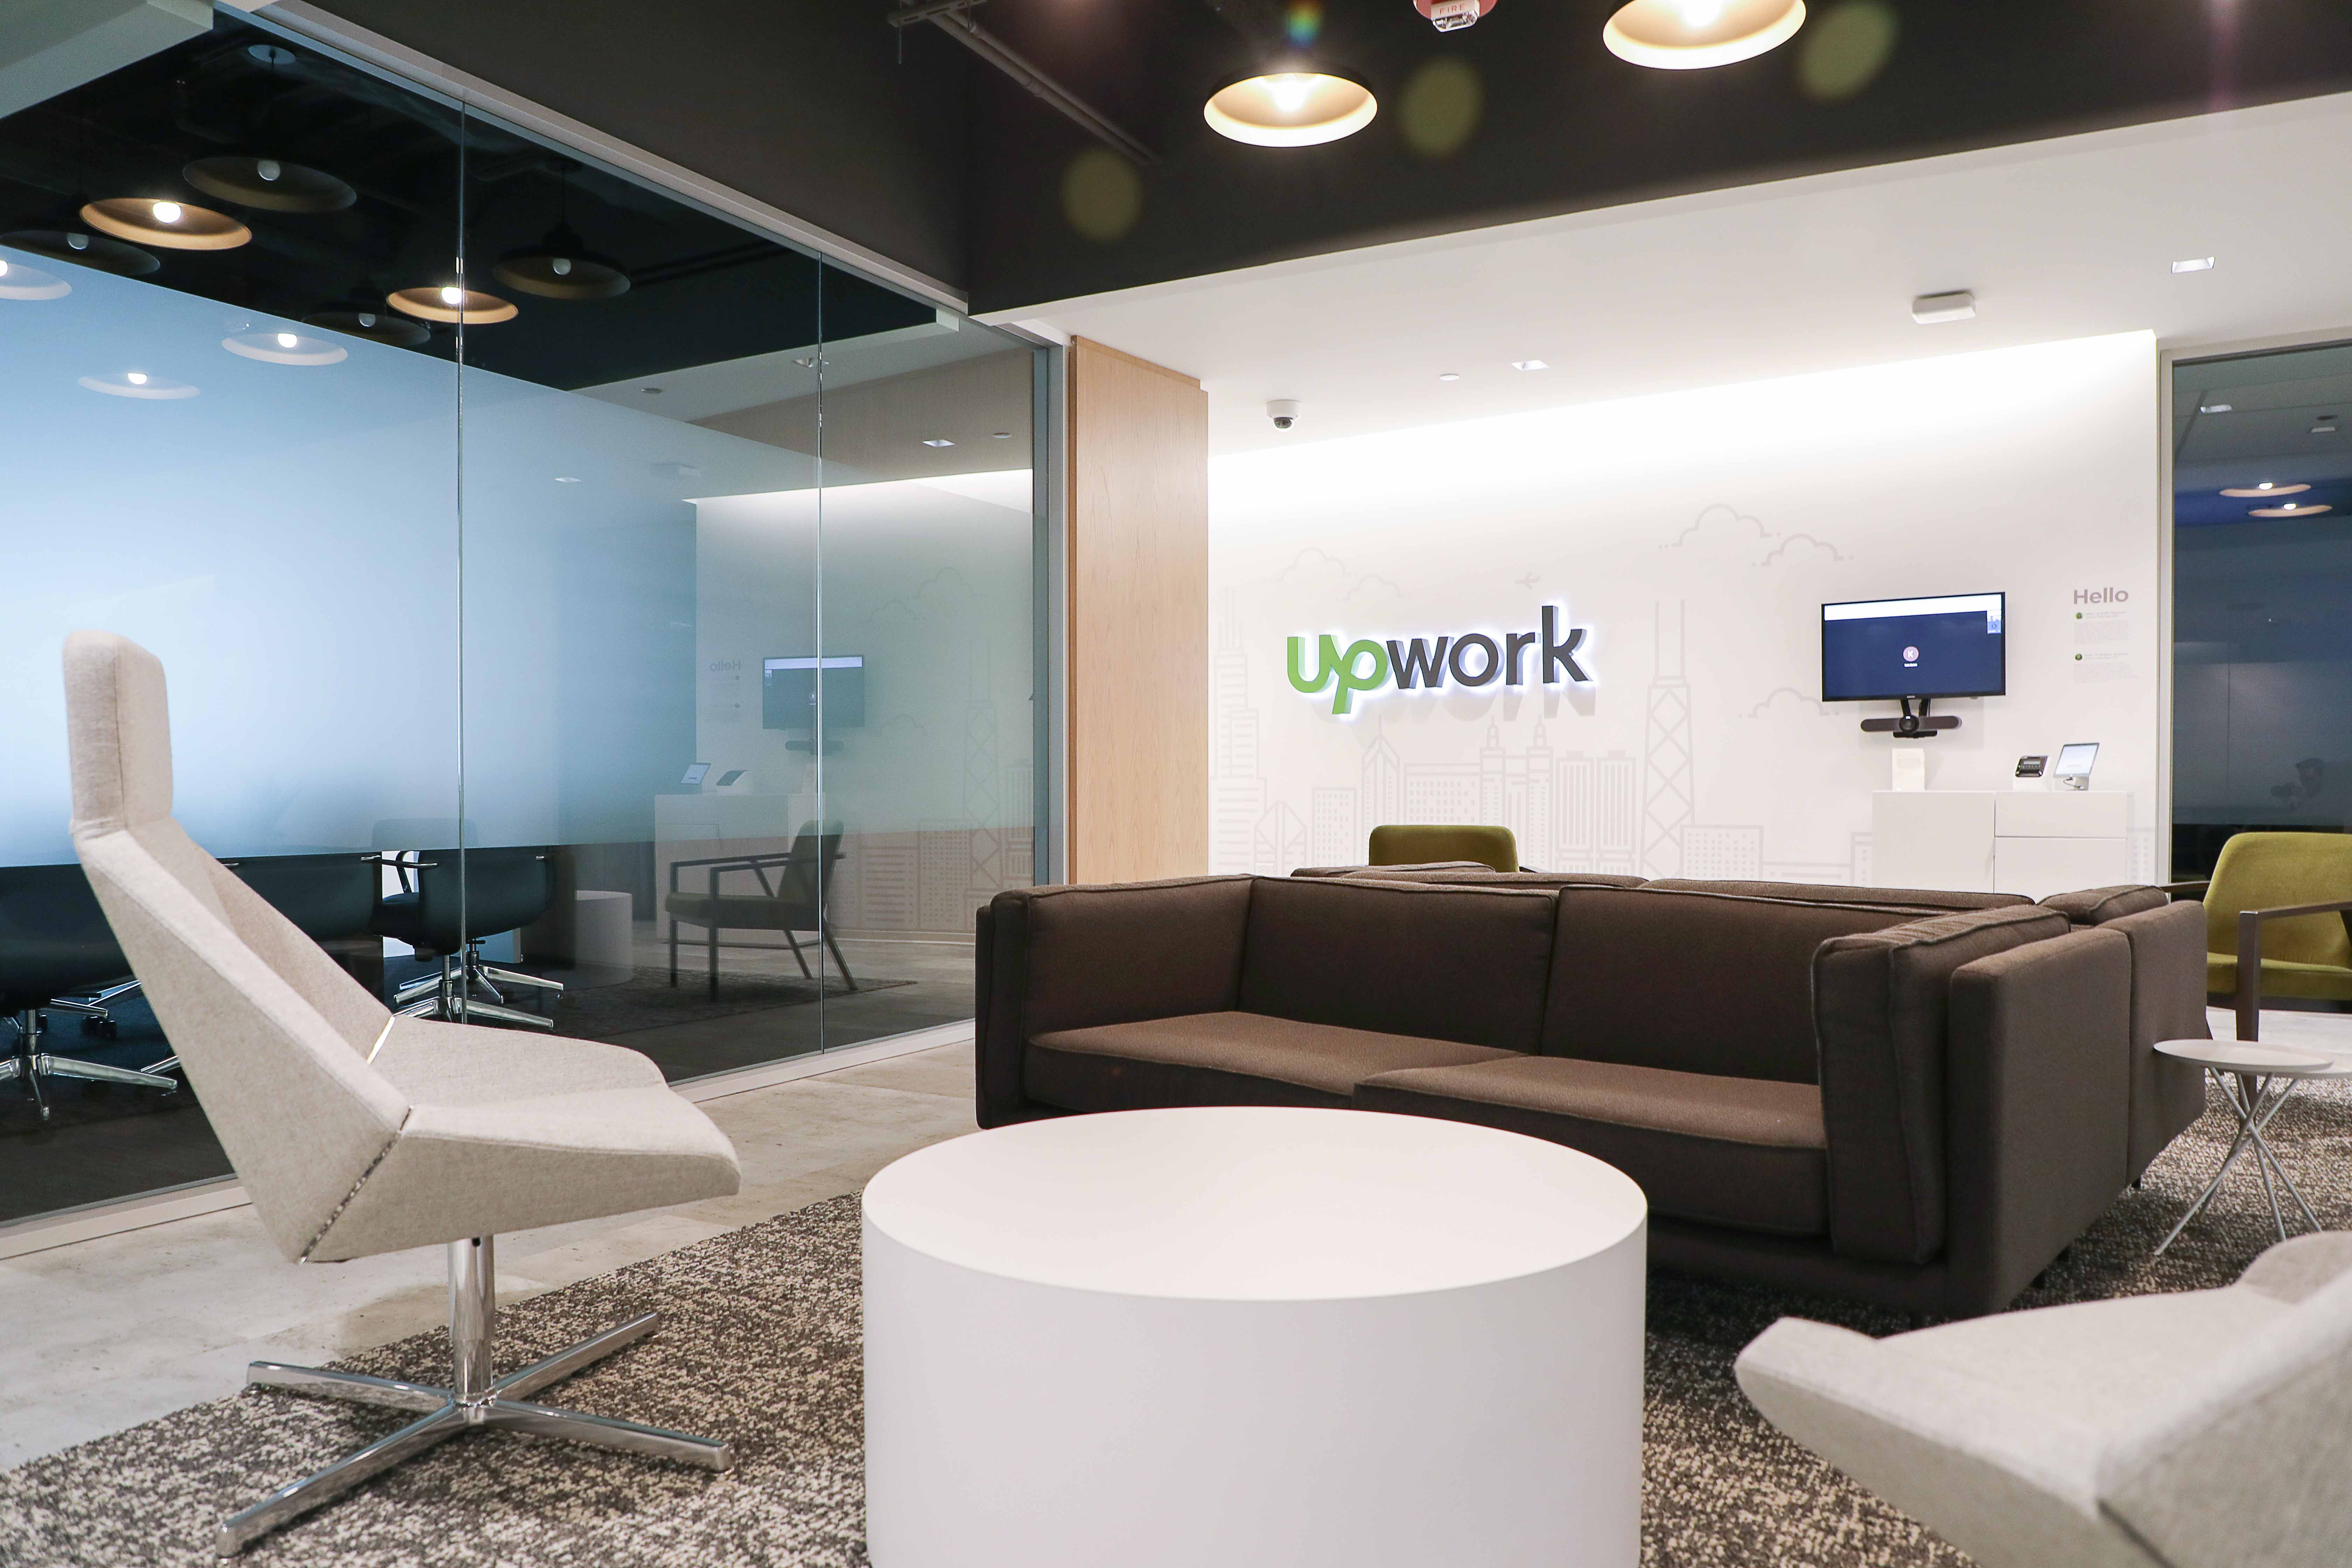 Skender Completes Interior Construction of Upwork HQ